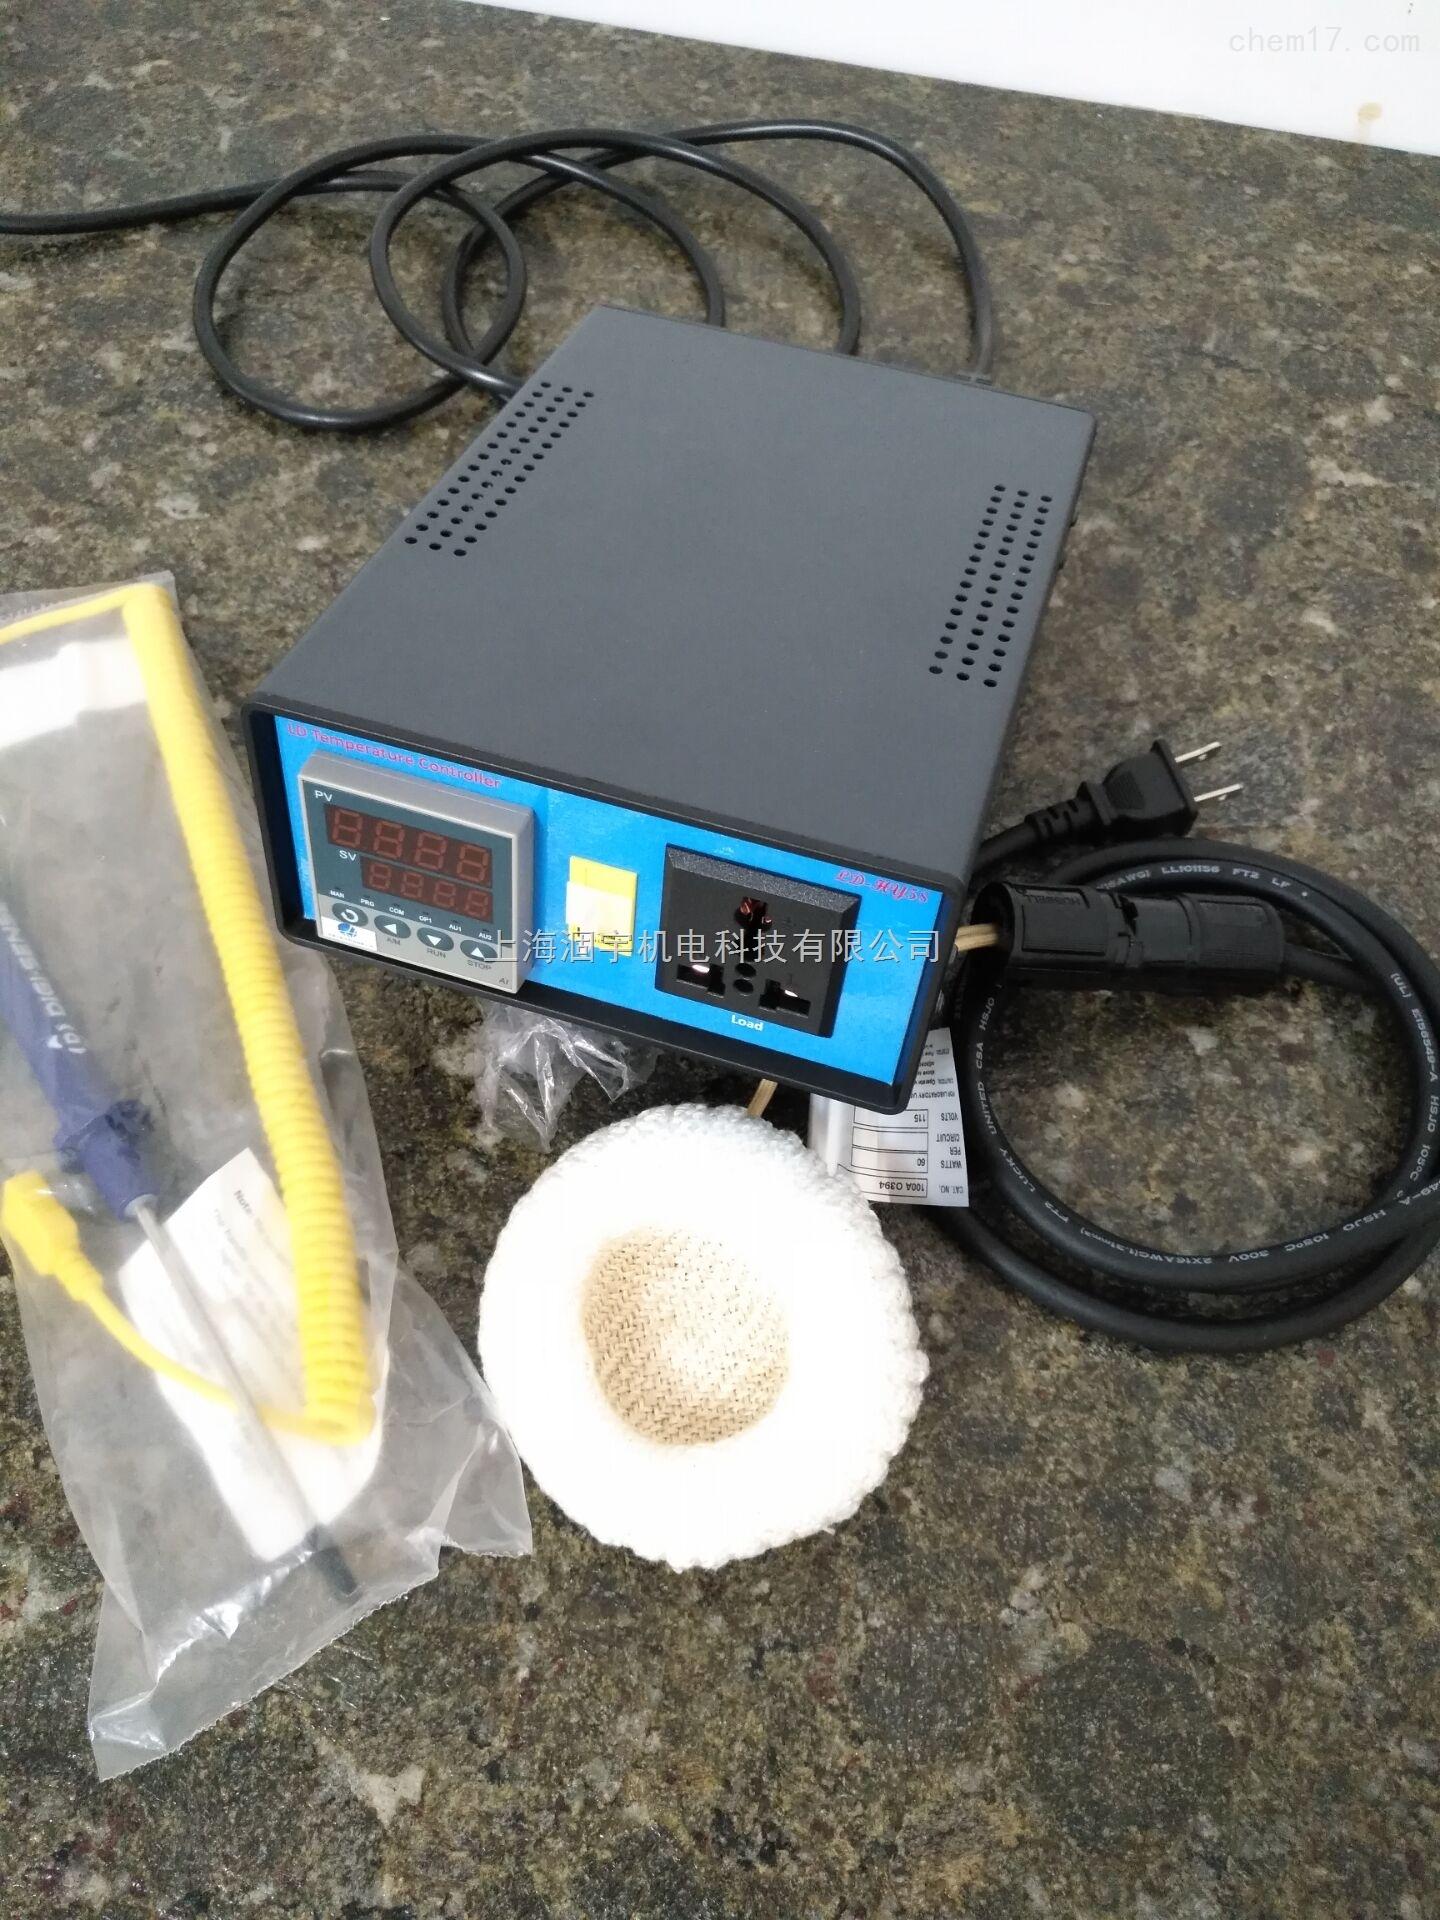 LD-HY5S经济型GLASCOL加热套控温仪 代替Digi-Sense温度控制器